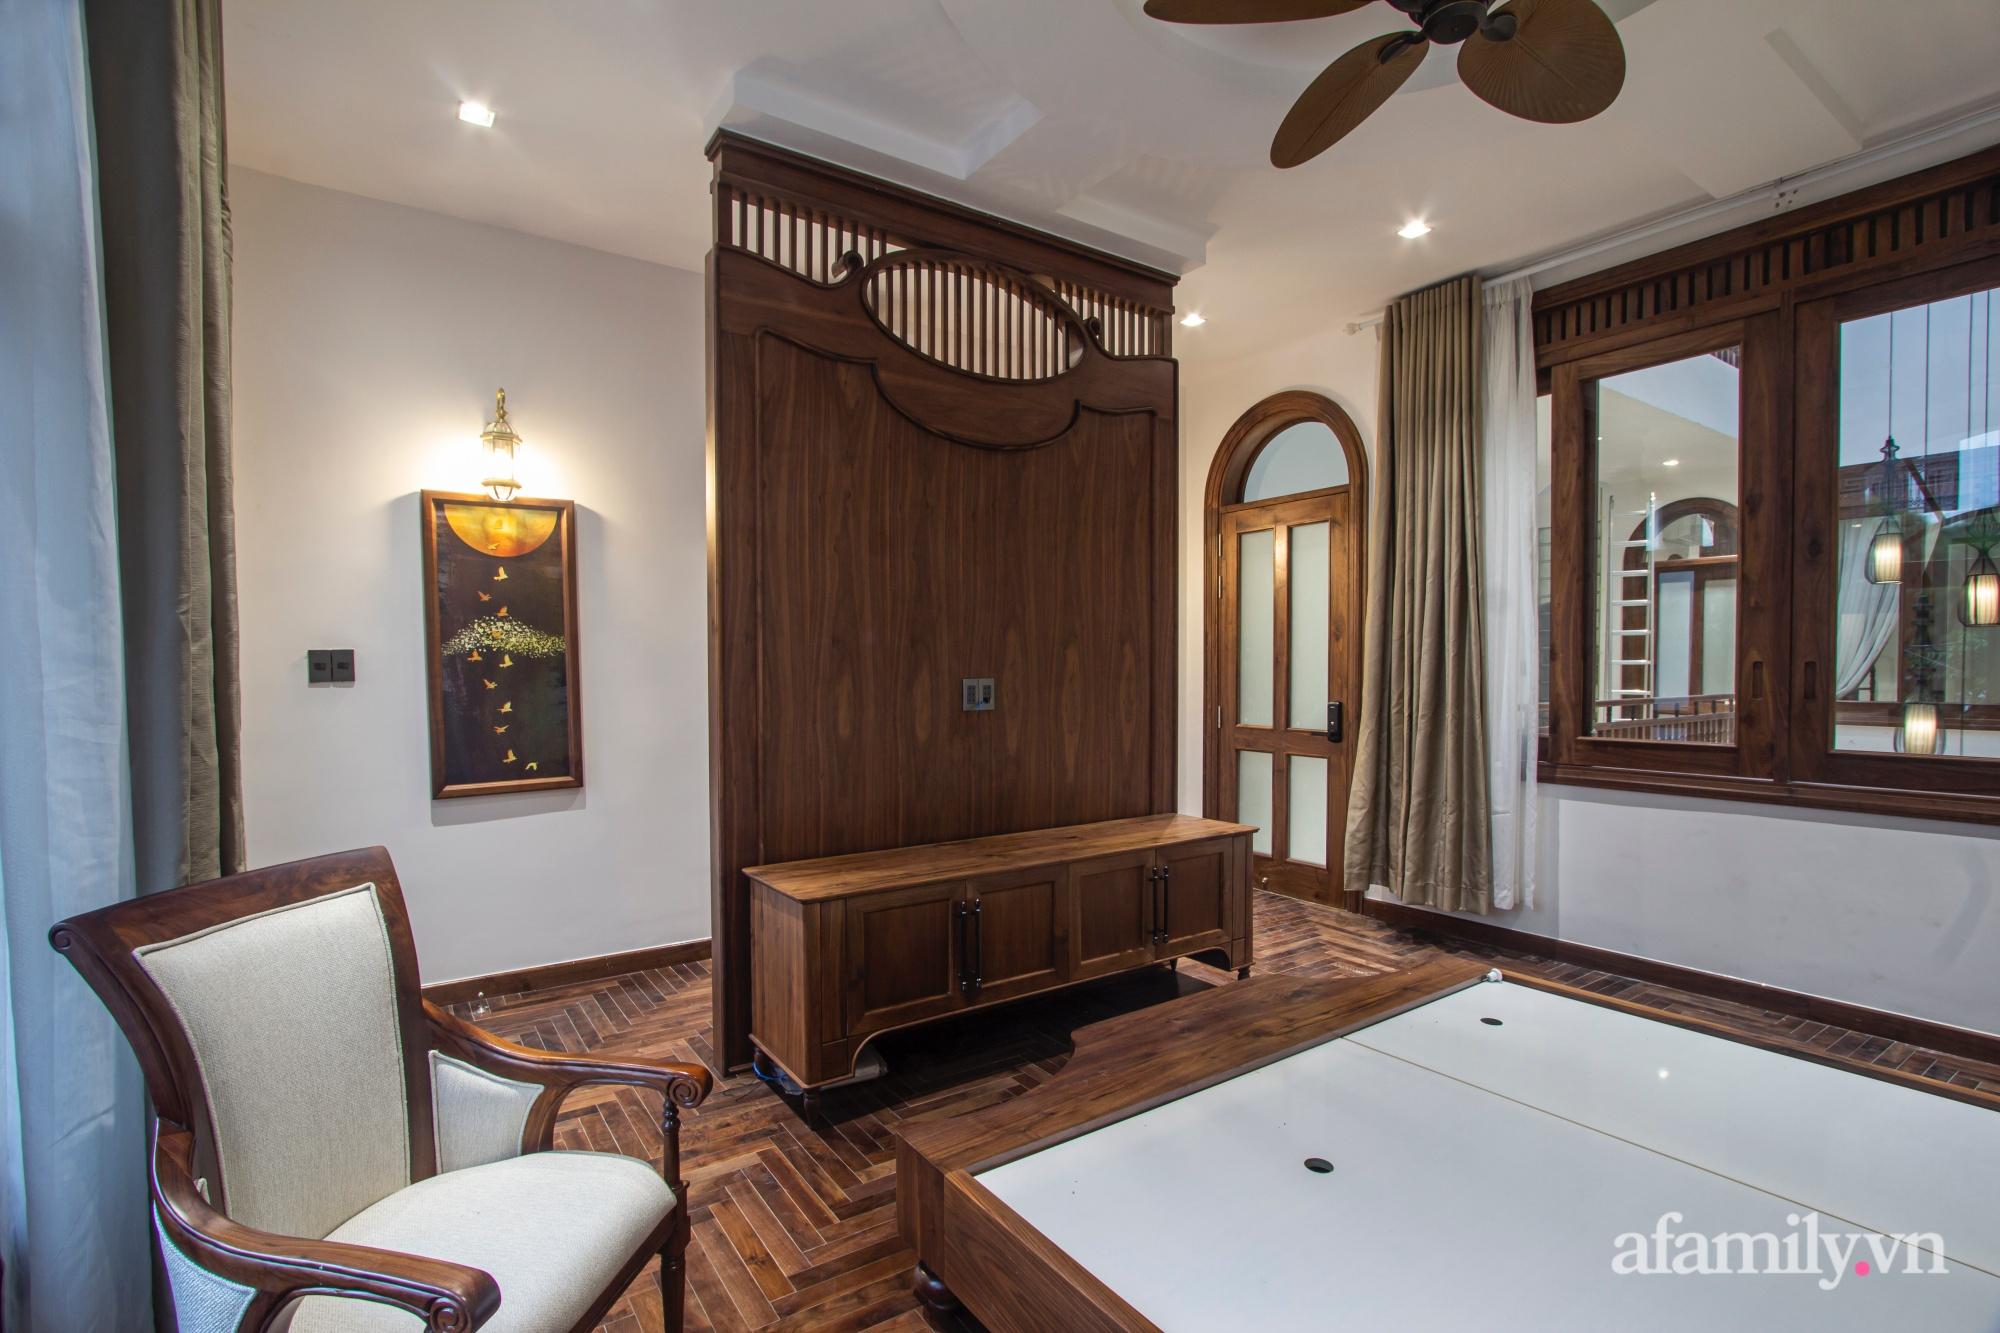 Nhà phố 8x16m đẹp bình yên, tĩnh tại mang hơi hướng của Đạo Phật và phong cách Á Đông ở Buôn Ma Thuột - Ảnh 16.